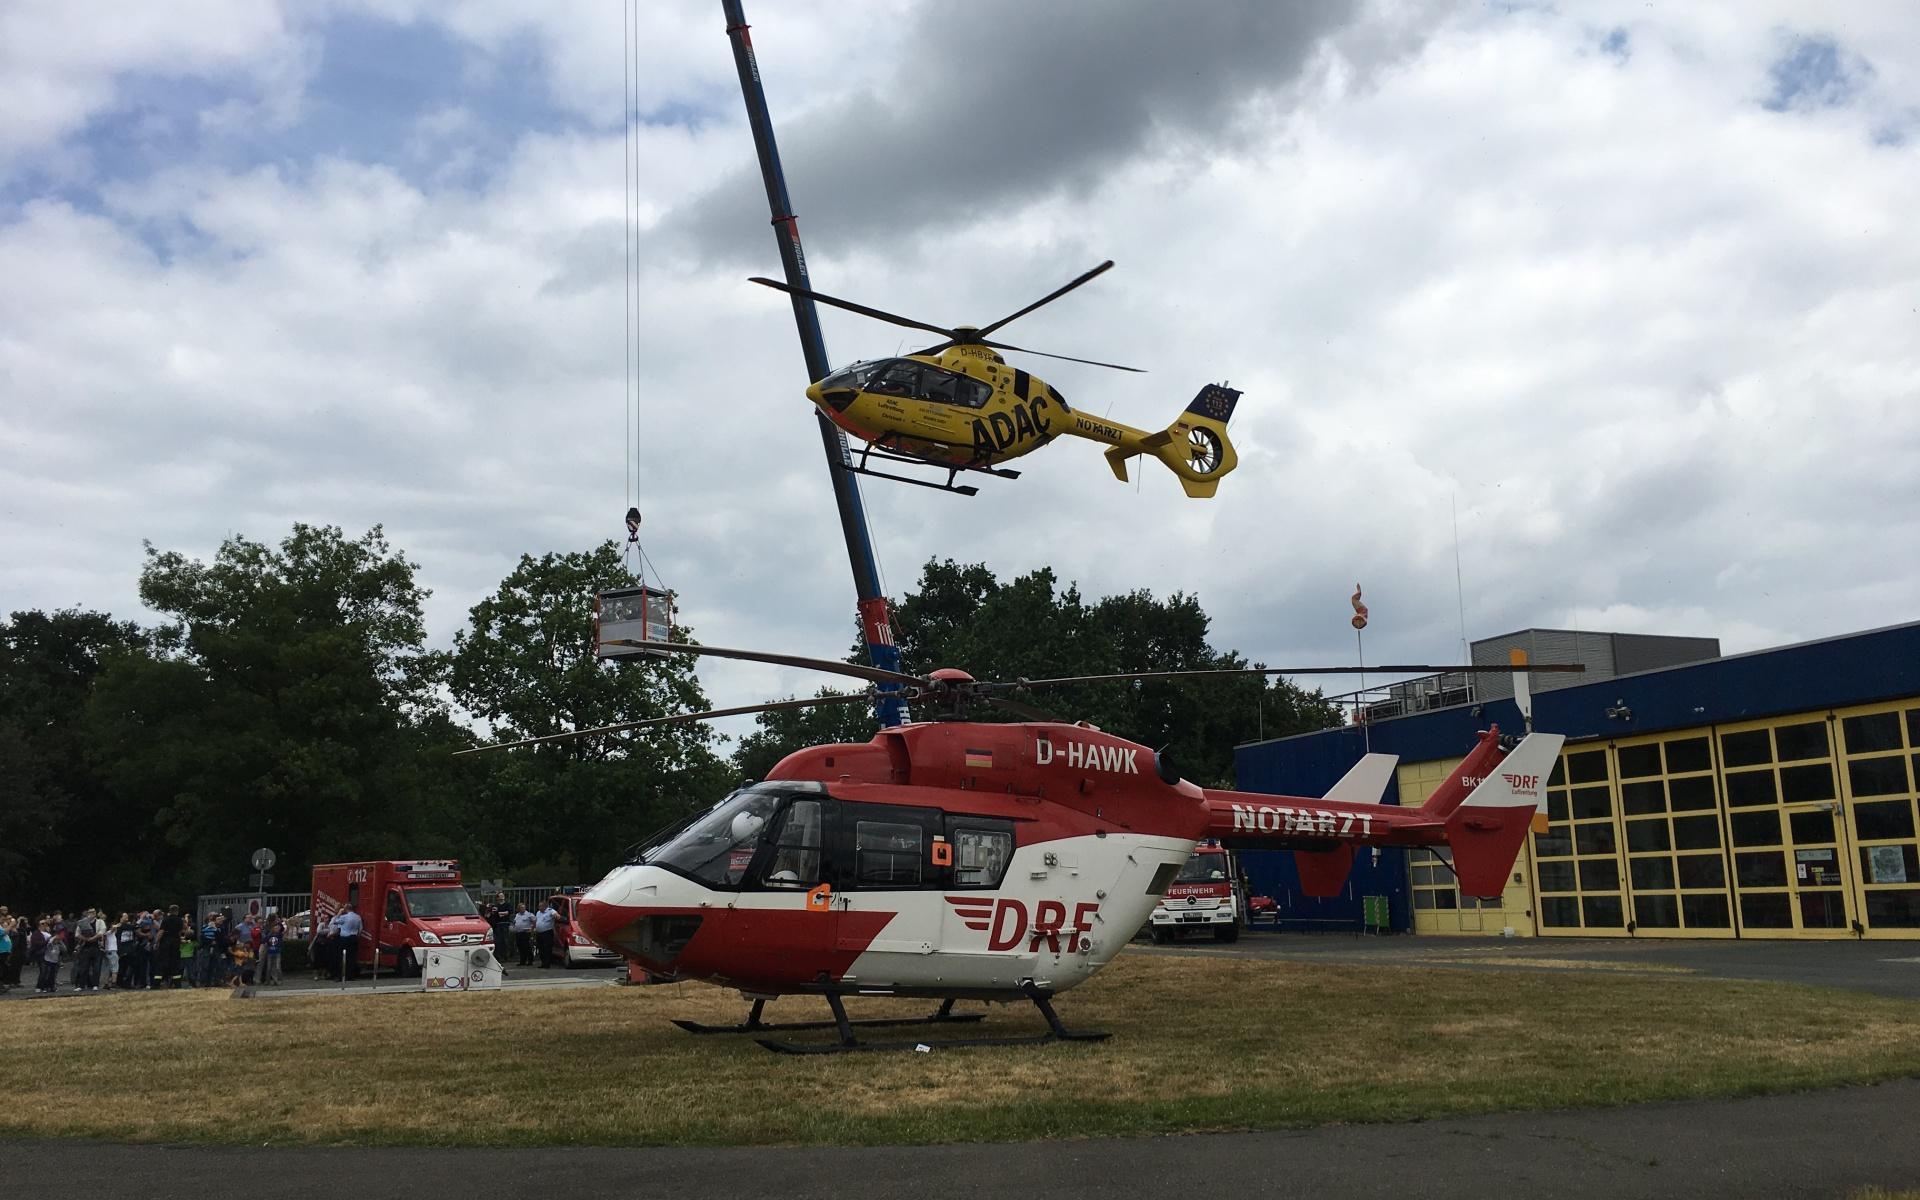 Gleich zwei Hubschrauber konnten sich interessierte Besucher ansehen.